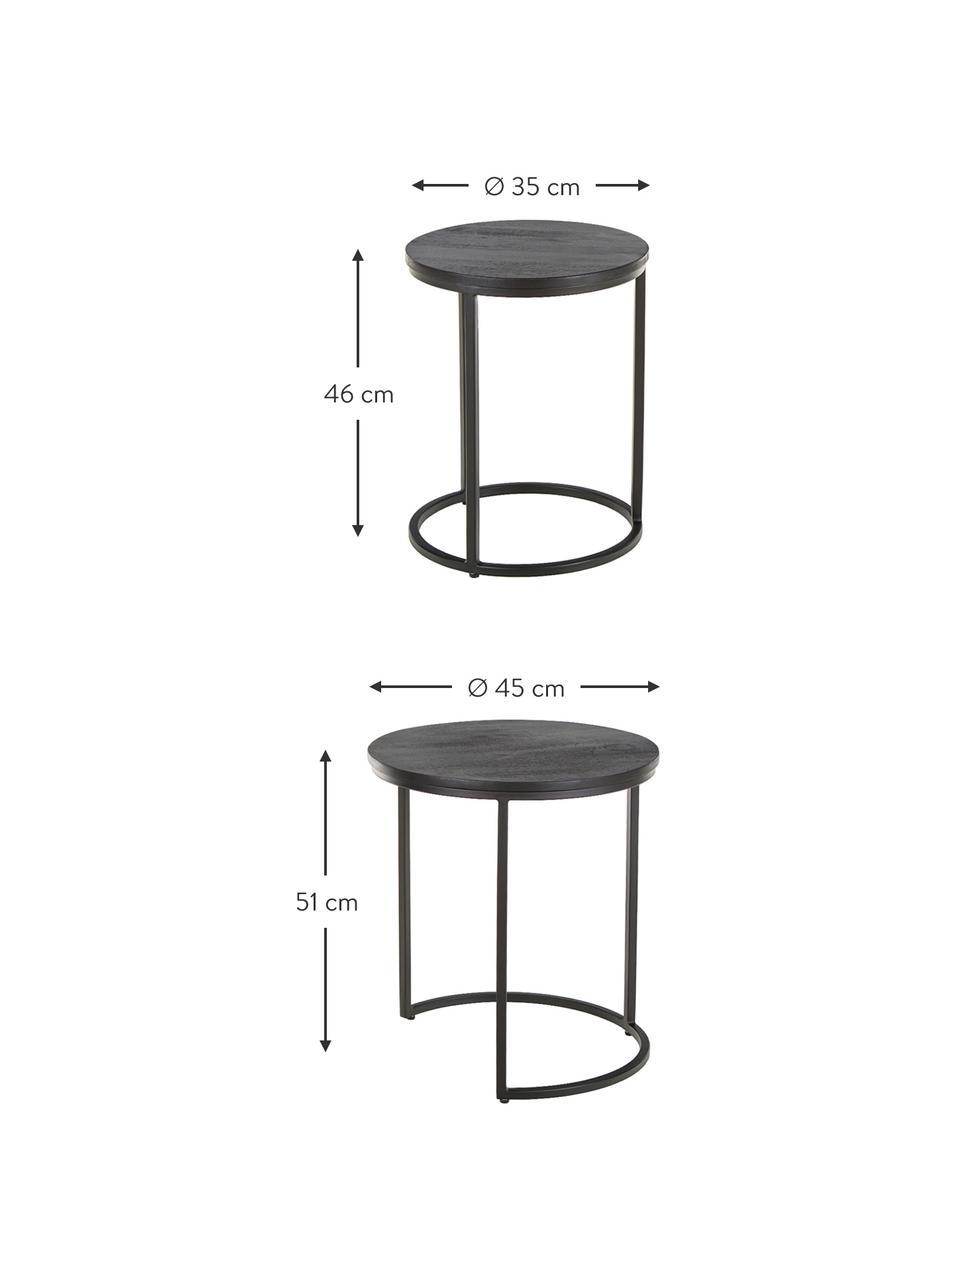 Schwarzes Beistelltisch-Set Andrew, 2-tlg., Schwarz, Sondergrößen